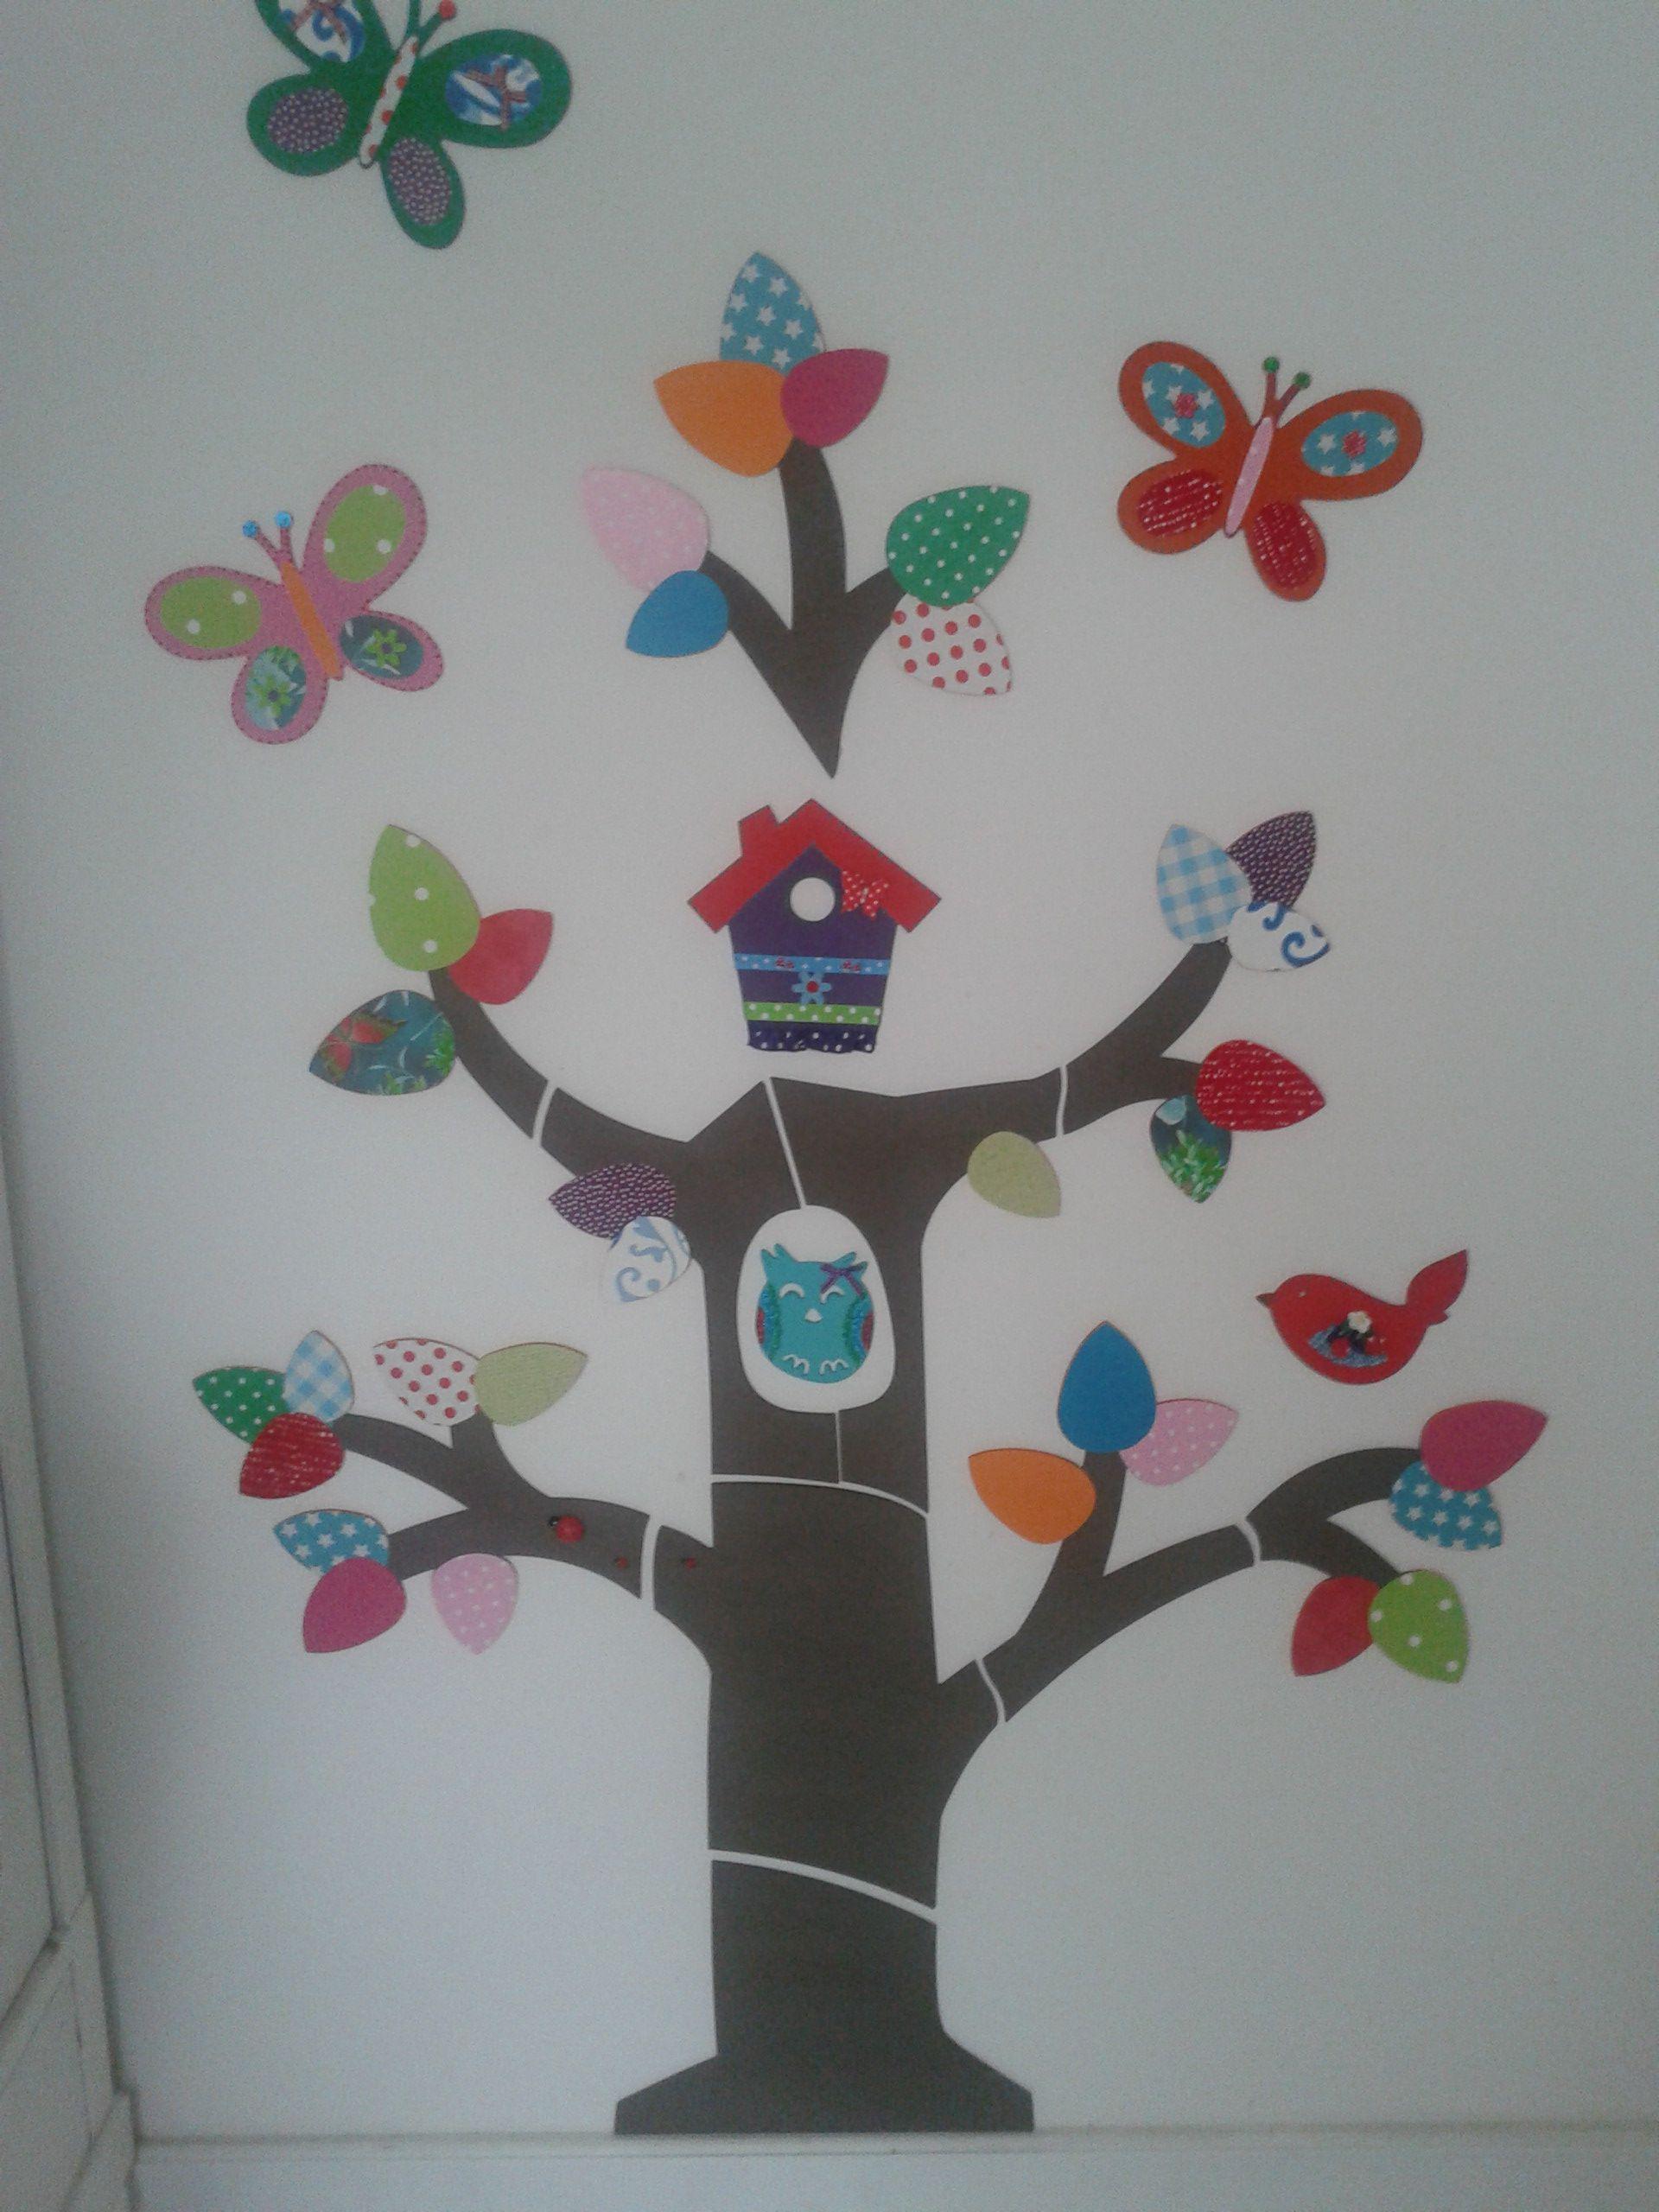 Boom Voor Babykamer.Kinderkamer Boom Adesivo De Parede Decorativo Arvore Galho Bebe